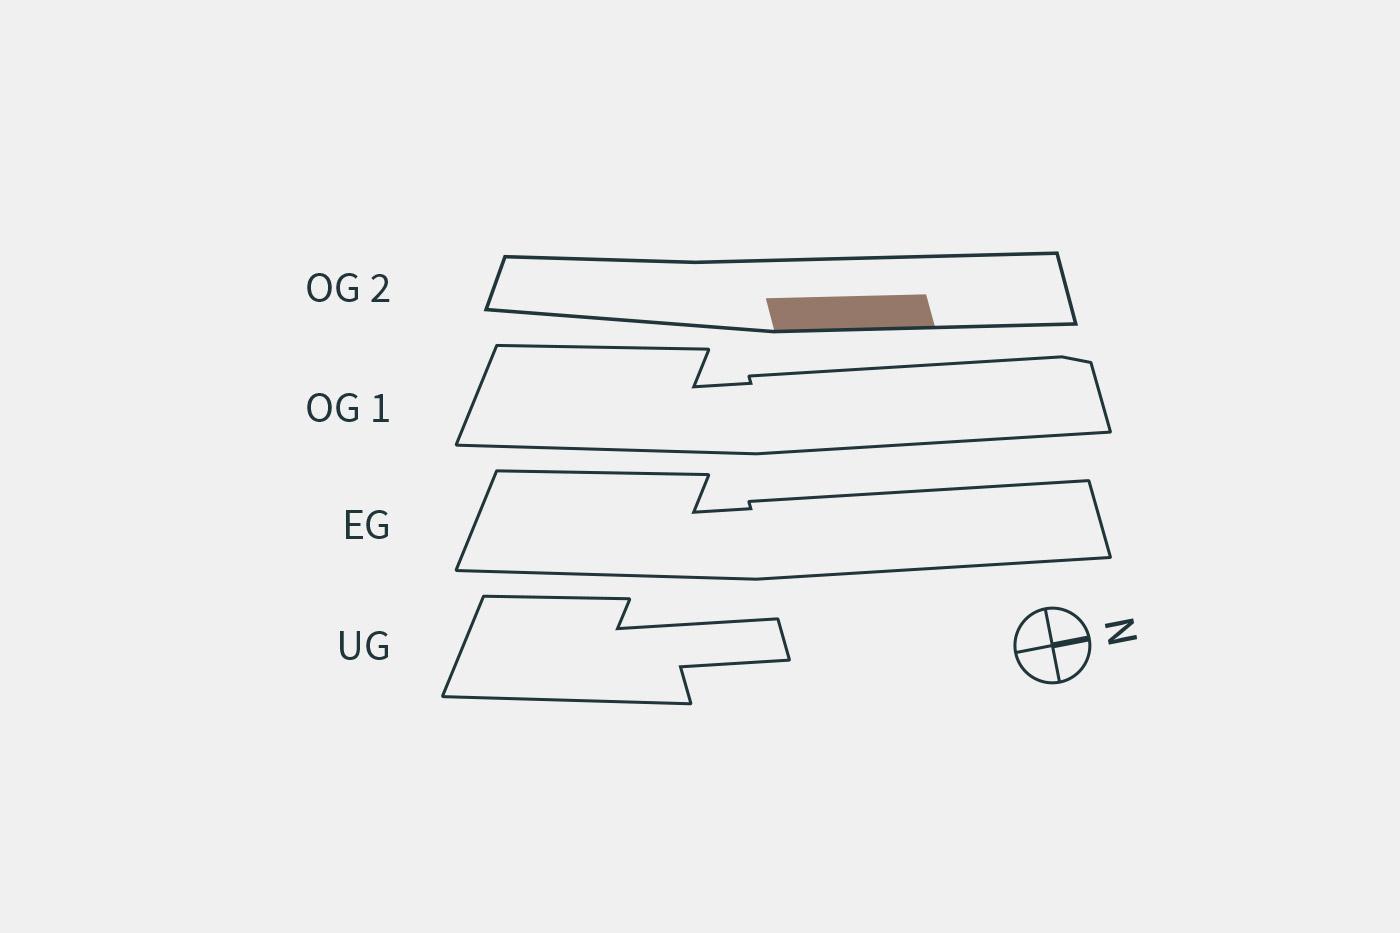 https://duktor.lu/wp-content/uploads/2021/05/duktor-projekt-dawen-rieth-corporate_design_05-2.jpg